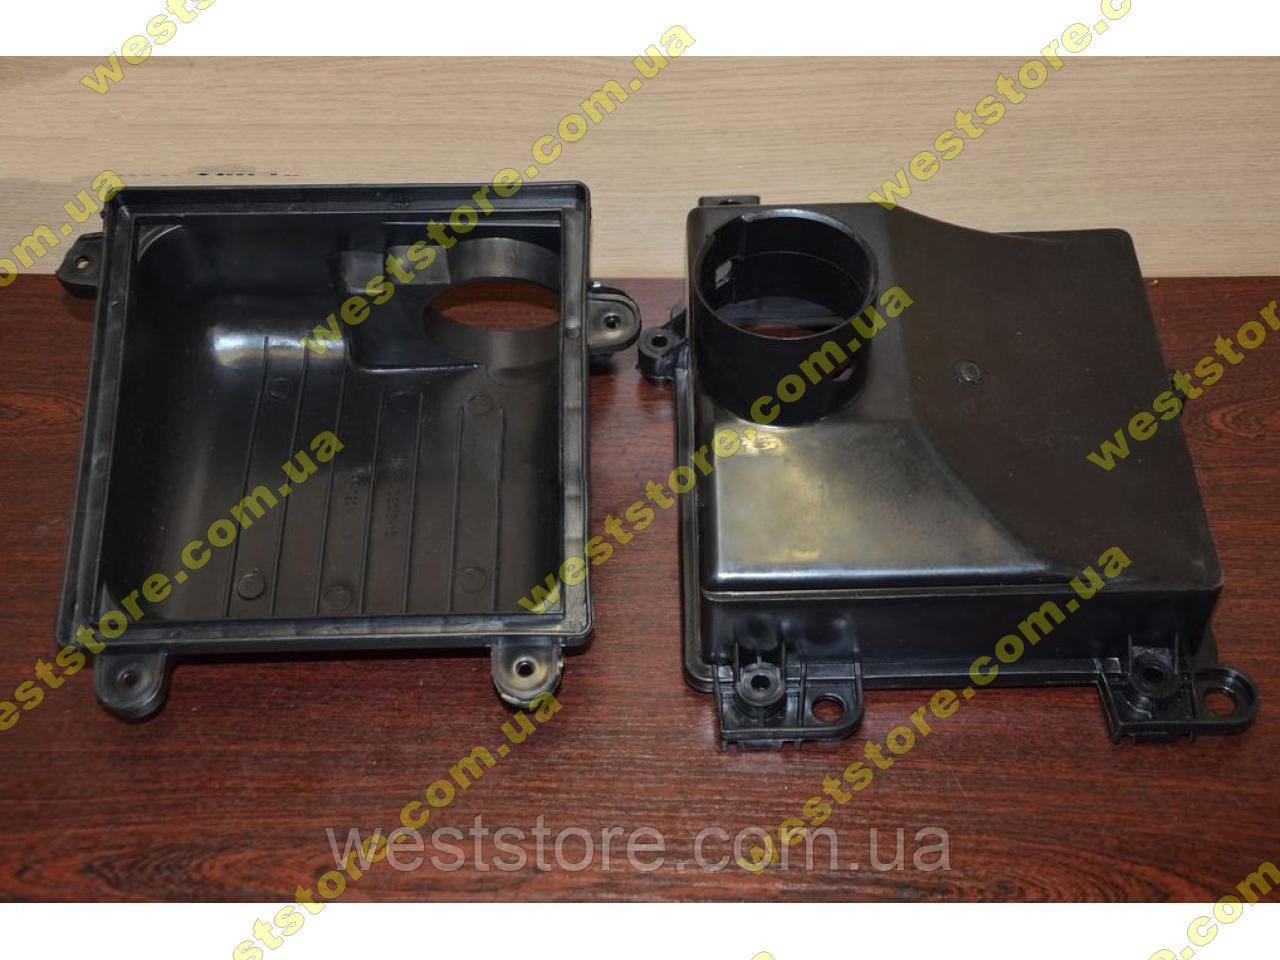 Корпус воздушного фильтра Ваз 2108 2109 2109 21082 инжектор в сборе верх+низ ВИС